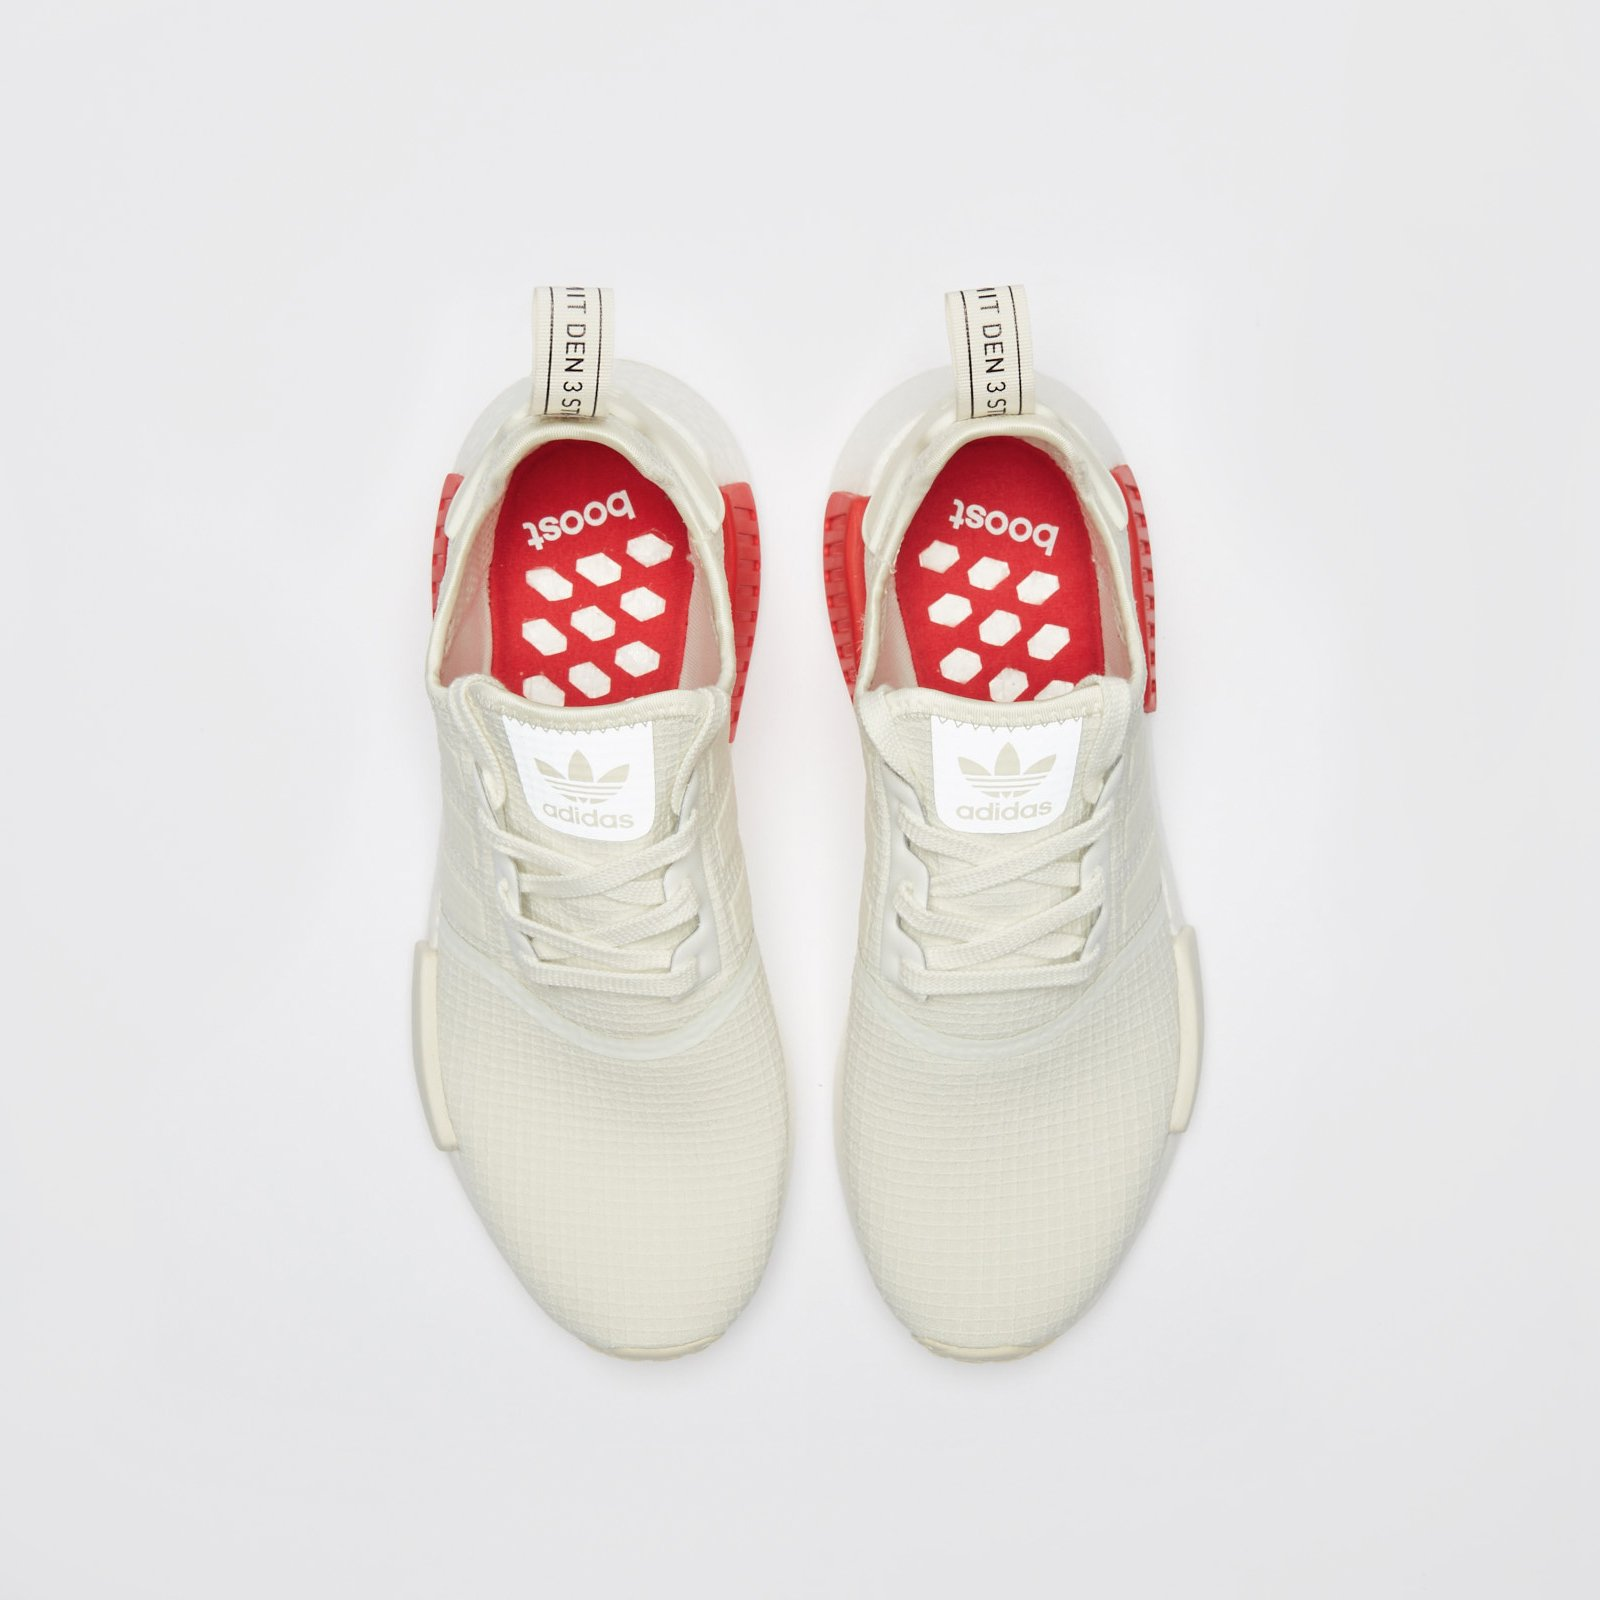 huge selection of 29964 6c64b adidas NMD R1 - B37619 - Sneakersnstuff   sneakers   streetwear ...